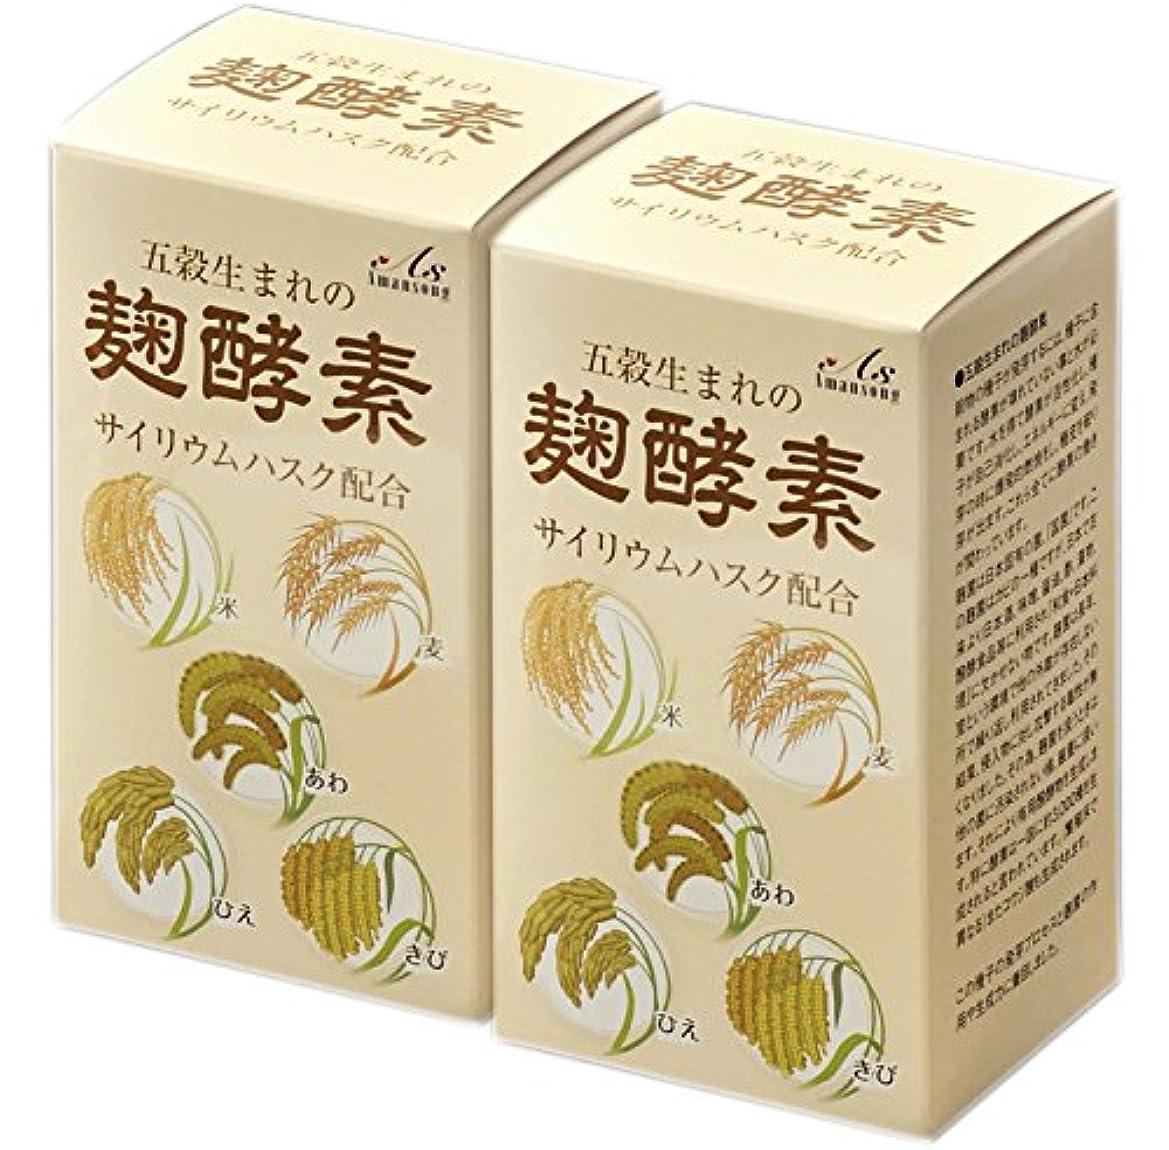 一般的に言えば独創的論理A?S 2箱セット五穀生まれの麹酵素 更に1箱プレゼント、更に「活きてる酵素だし」1袋プレゼント